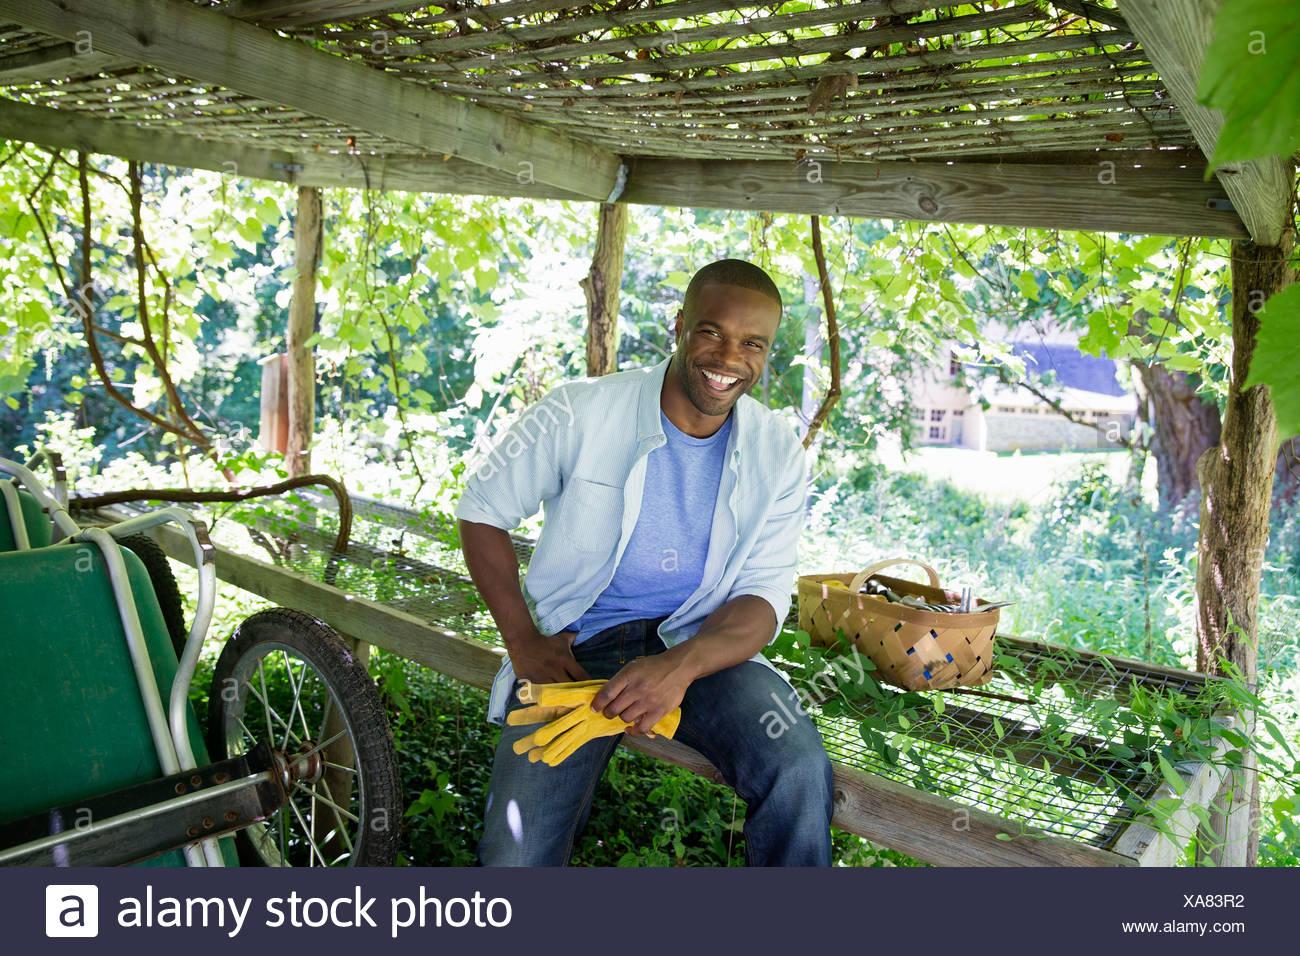 Ein Bauernhof, Anbau und Verkauf von Bio-Gemüse und Obst. Ein Mann arbeitet. Stockbild